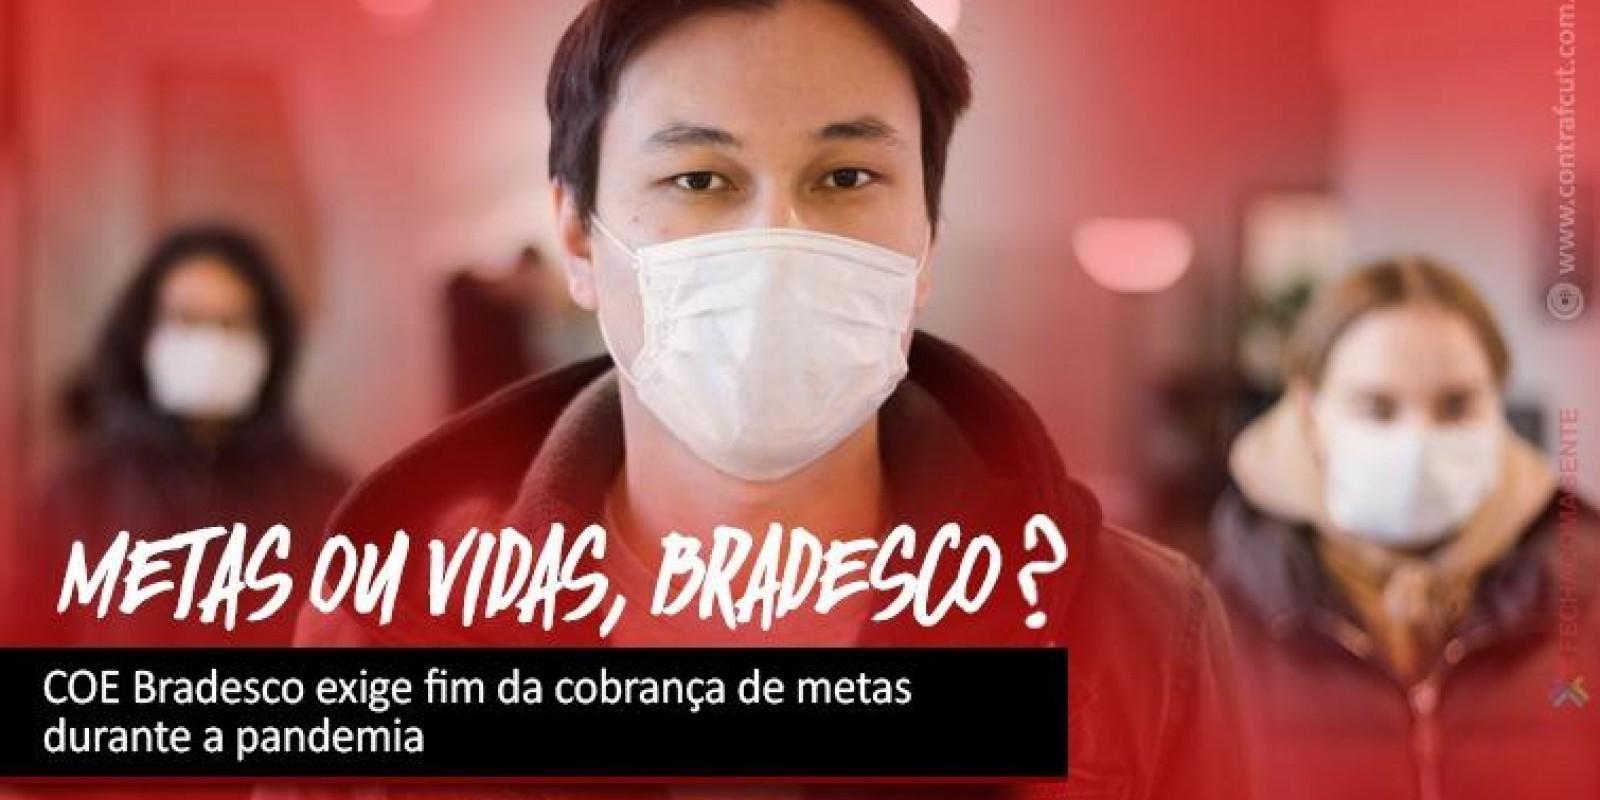 COE Bradesco exige fim da cobrança de metas durante a pandemia